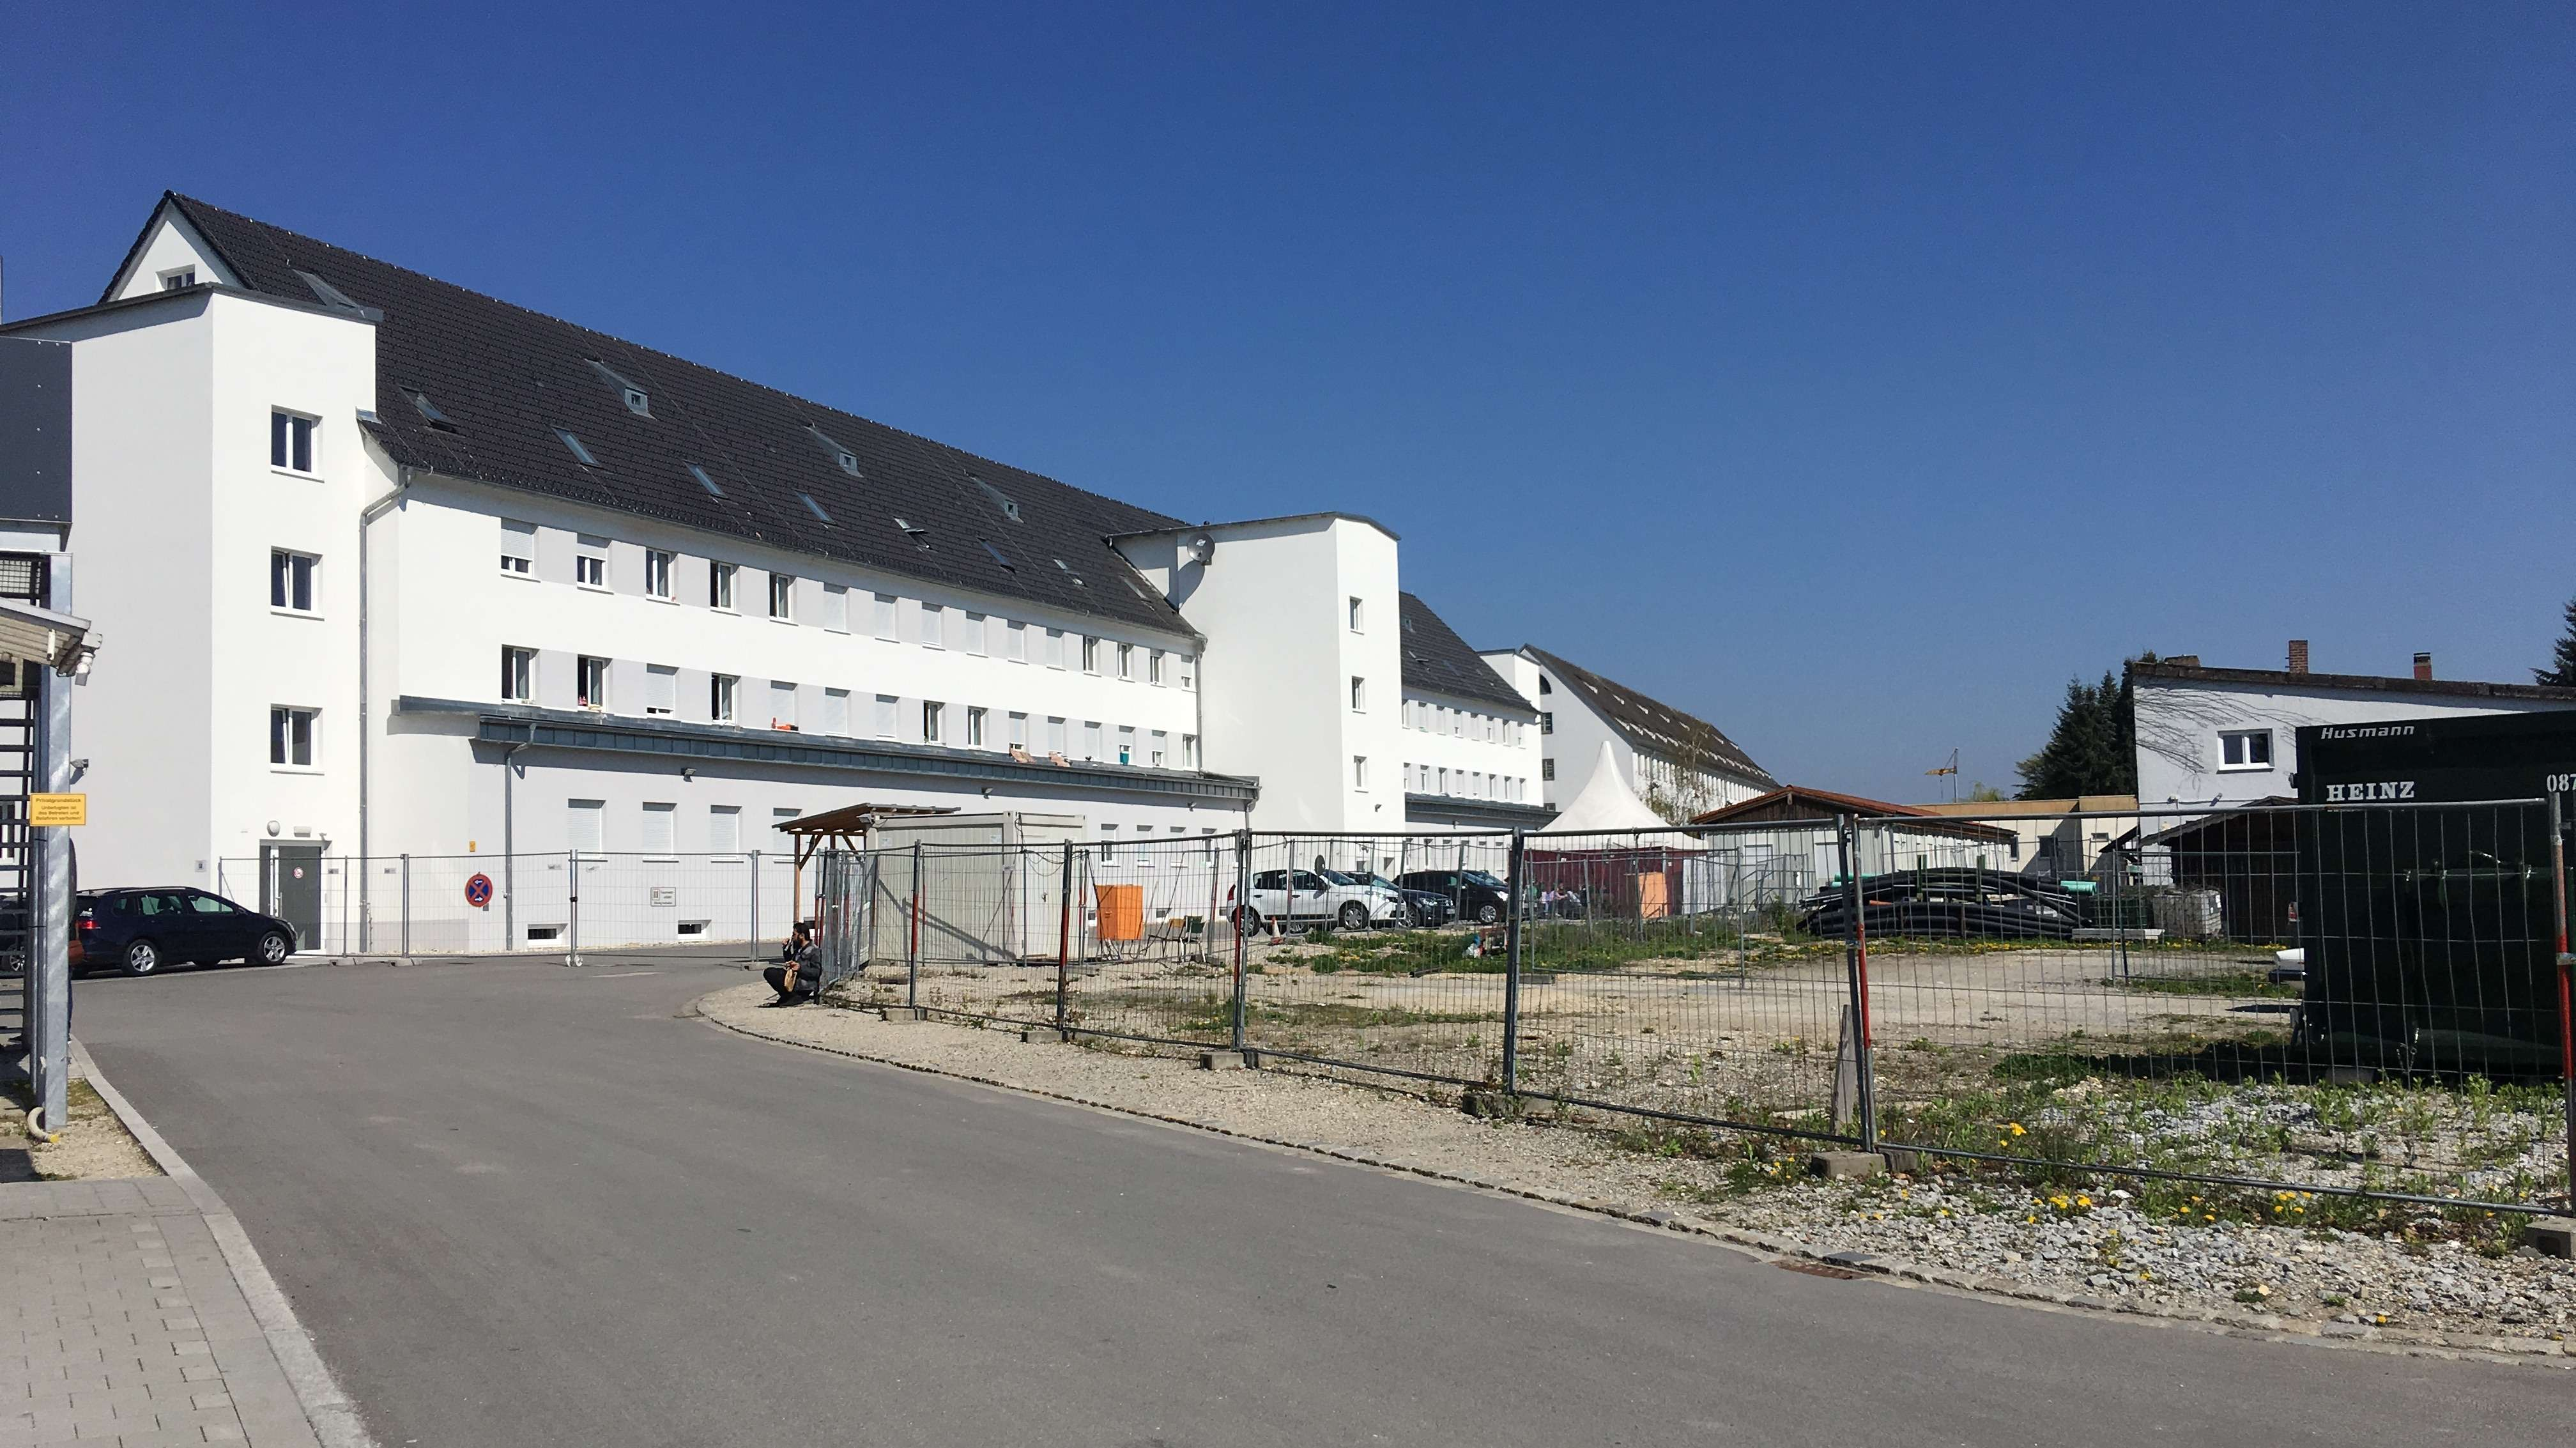 Das Ankerzentrum Deggendorf liegt ganz in der Nähe des Deggendorfer Bahnhofs, 20 Minuten zu Fuß von der Innenstadt entfernt.